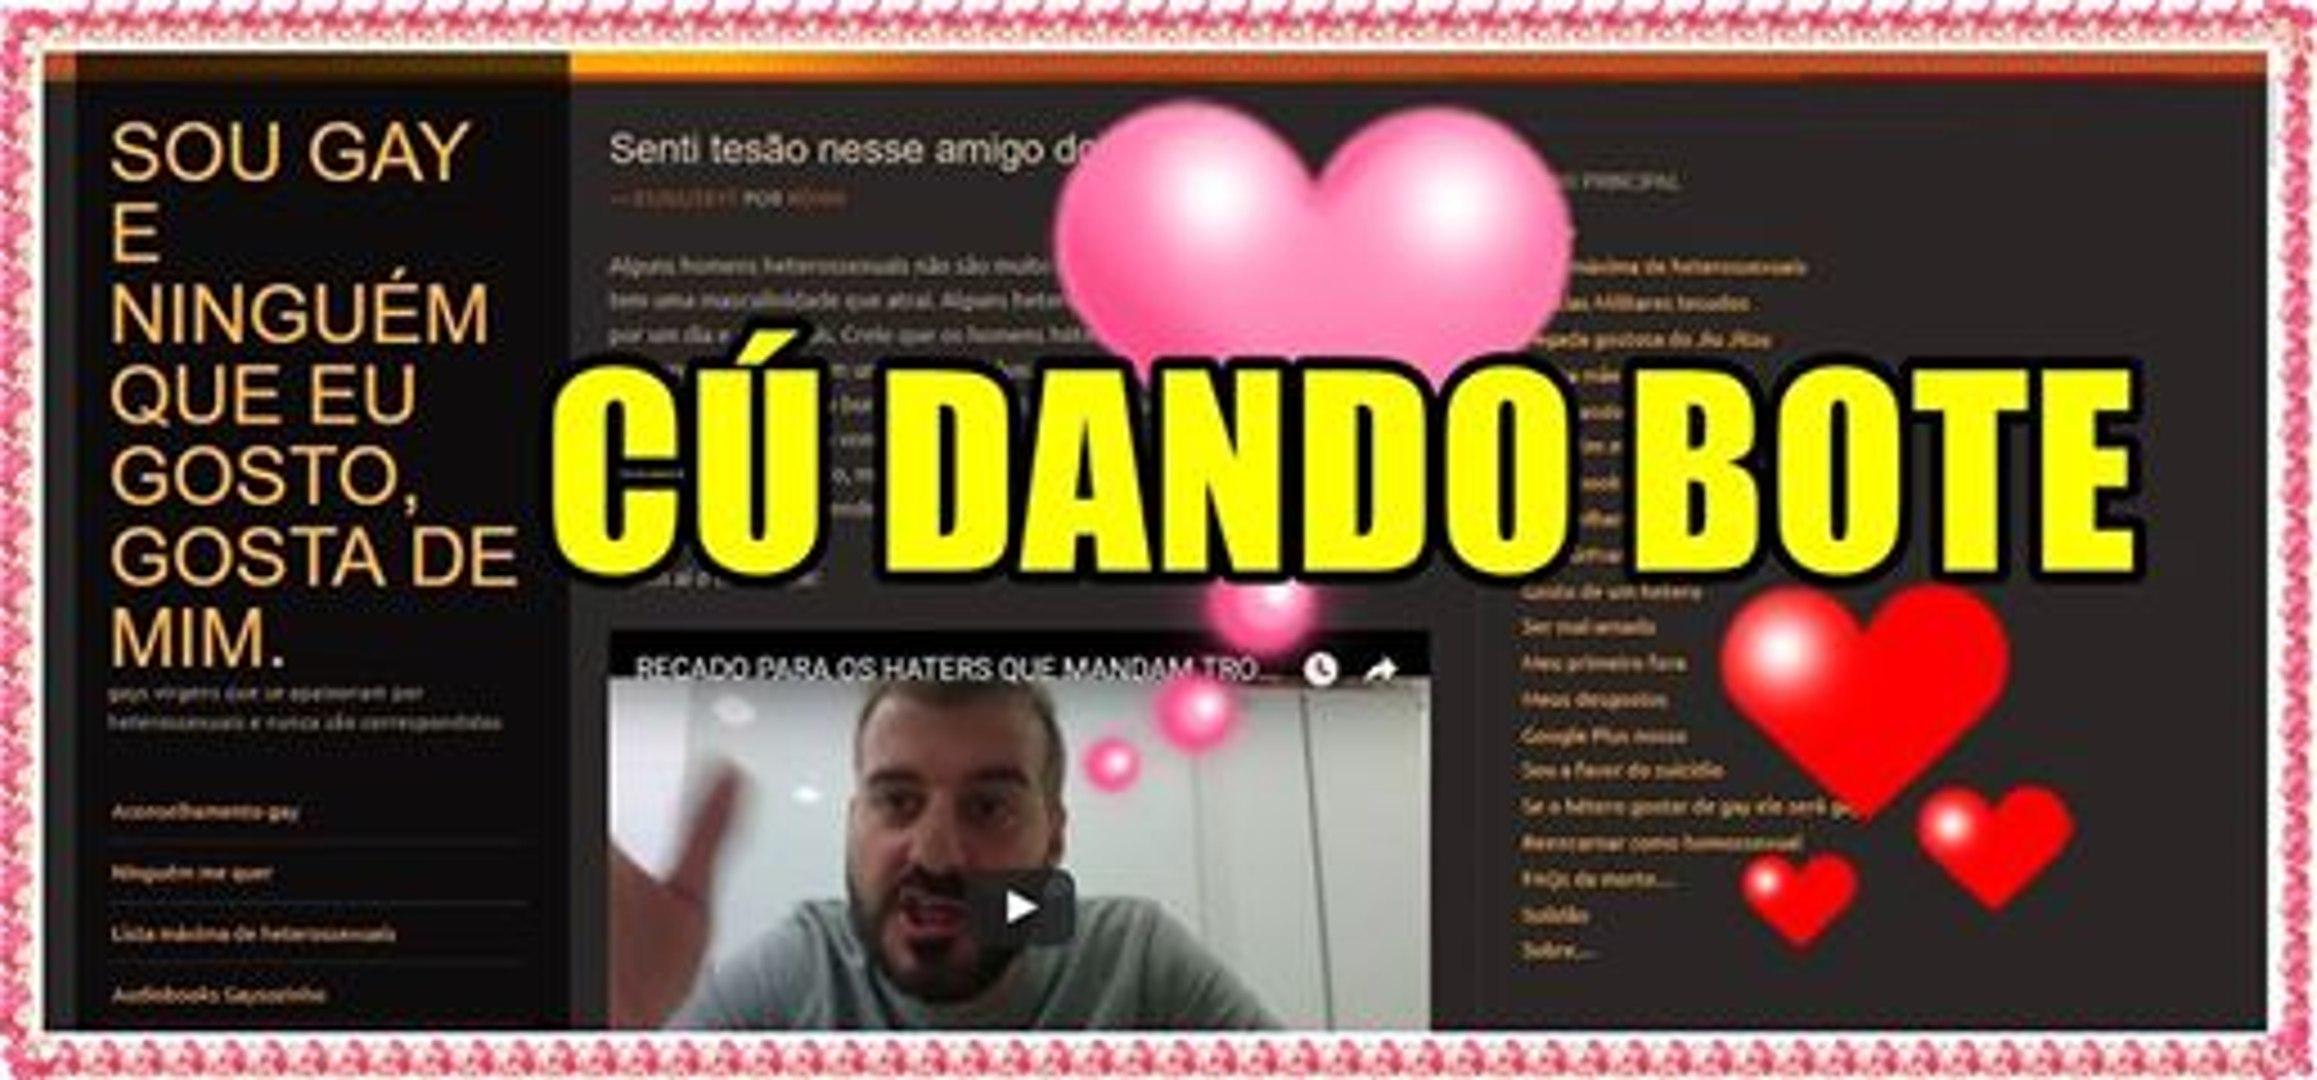 FÃ GAY ESTÁ COM O CÚ DANDO BOTE